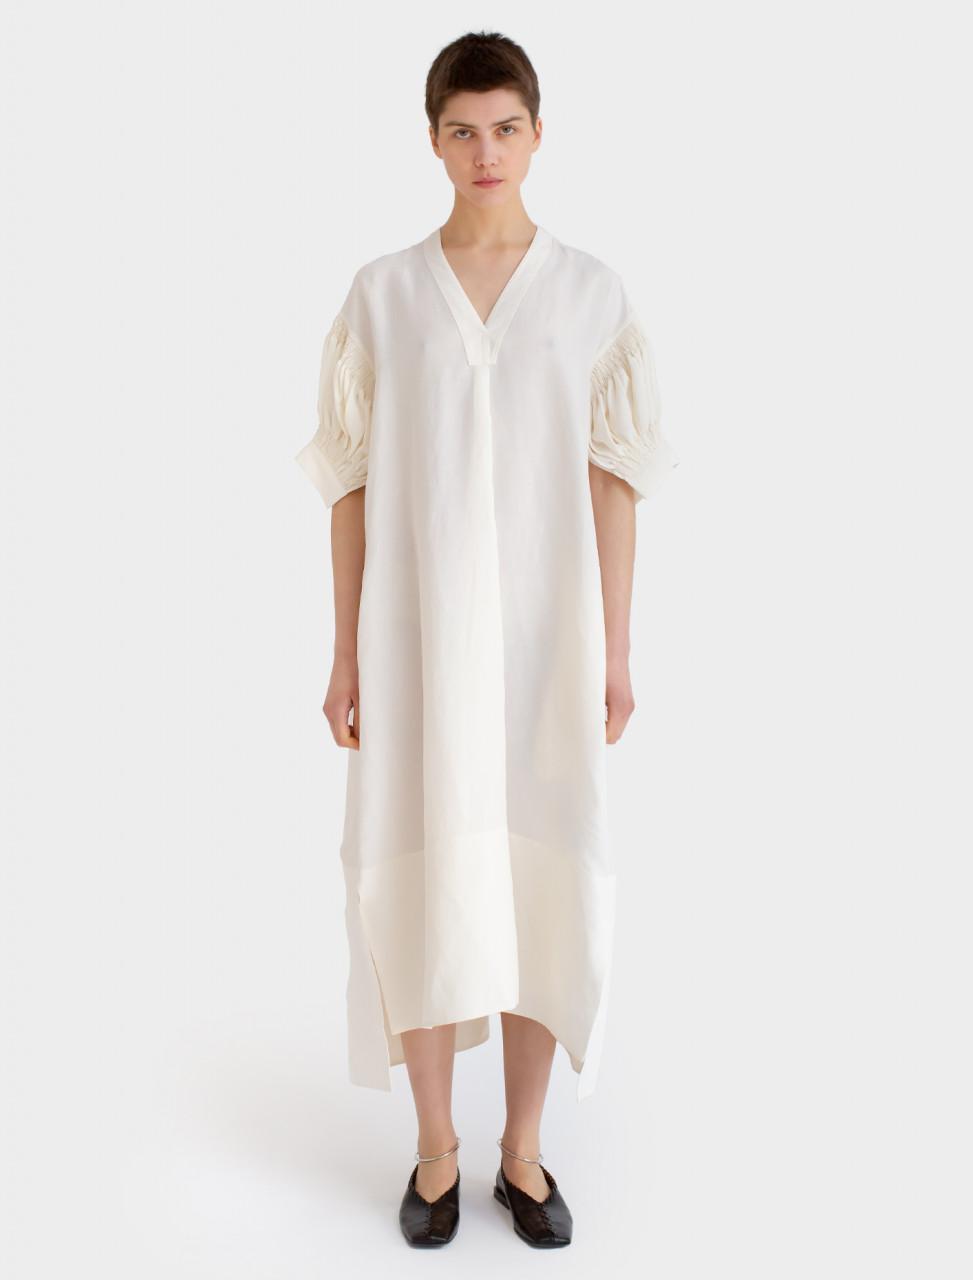 Textured Viscose Linen Dress in Natural